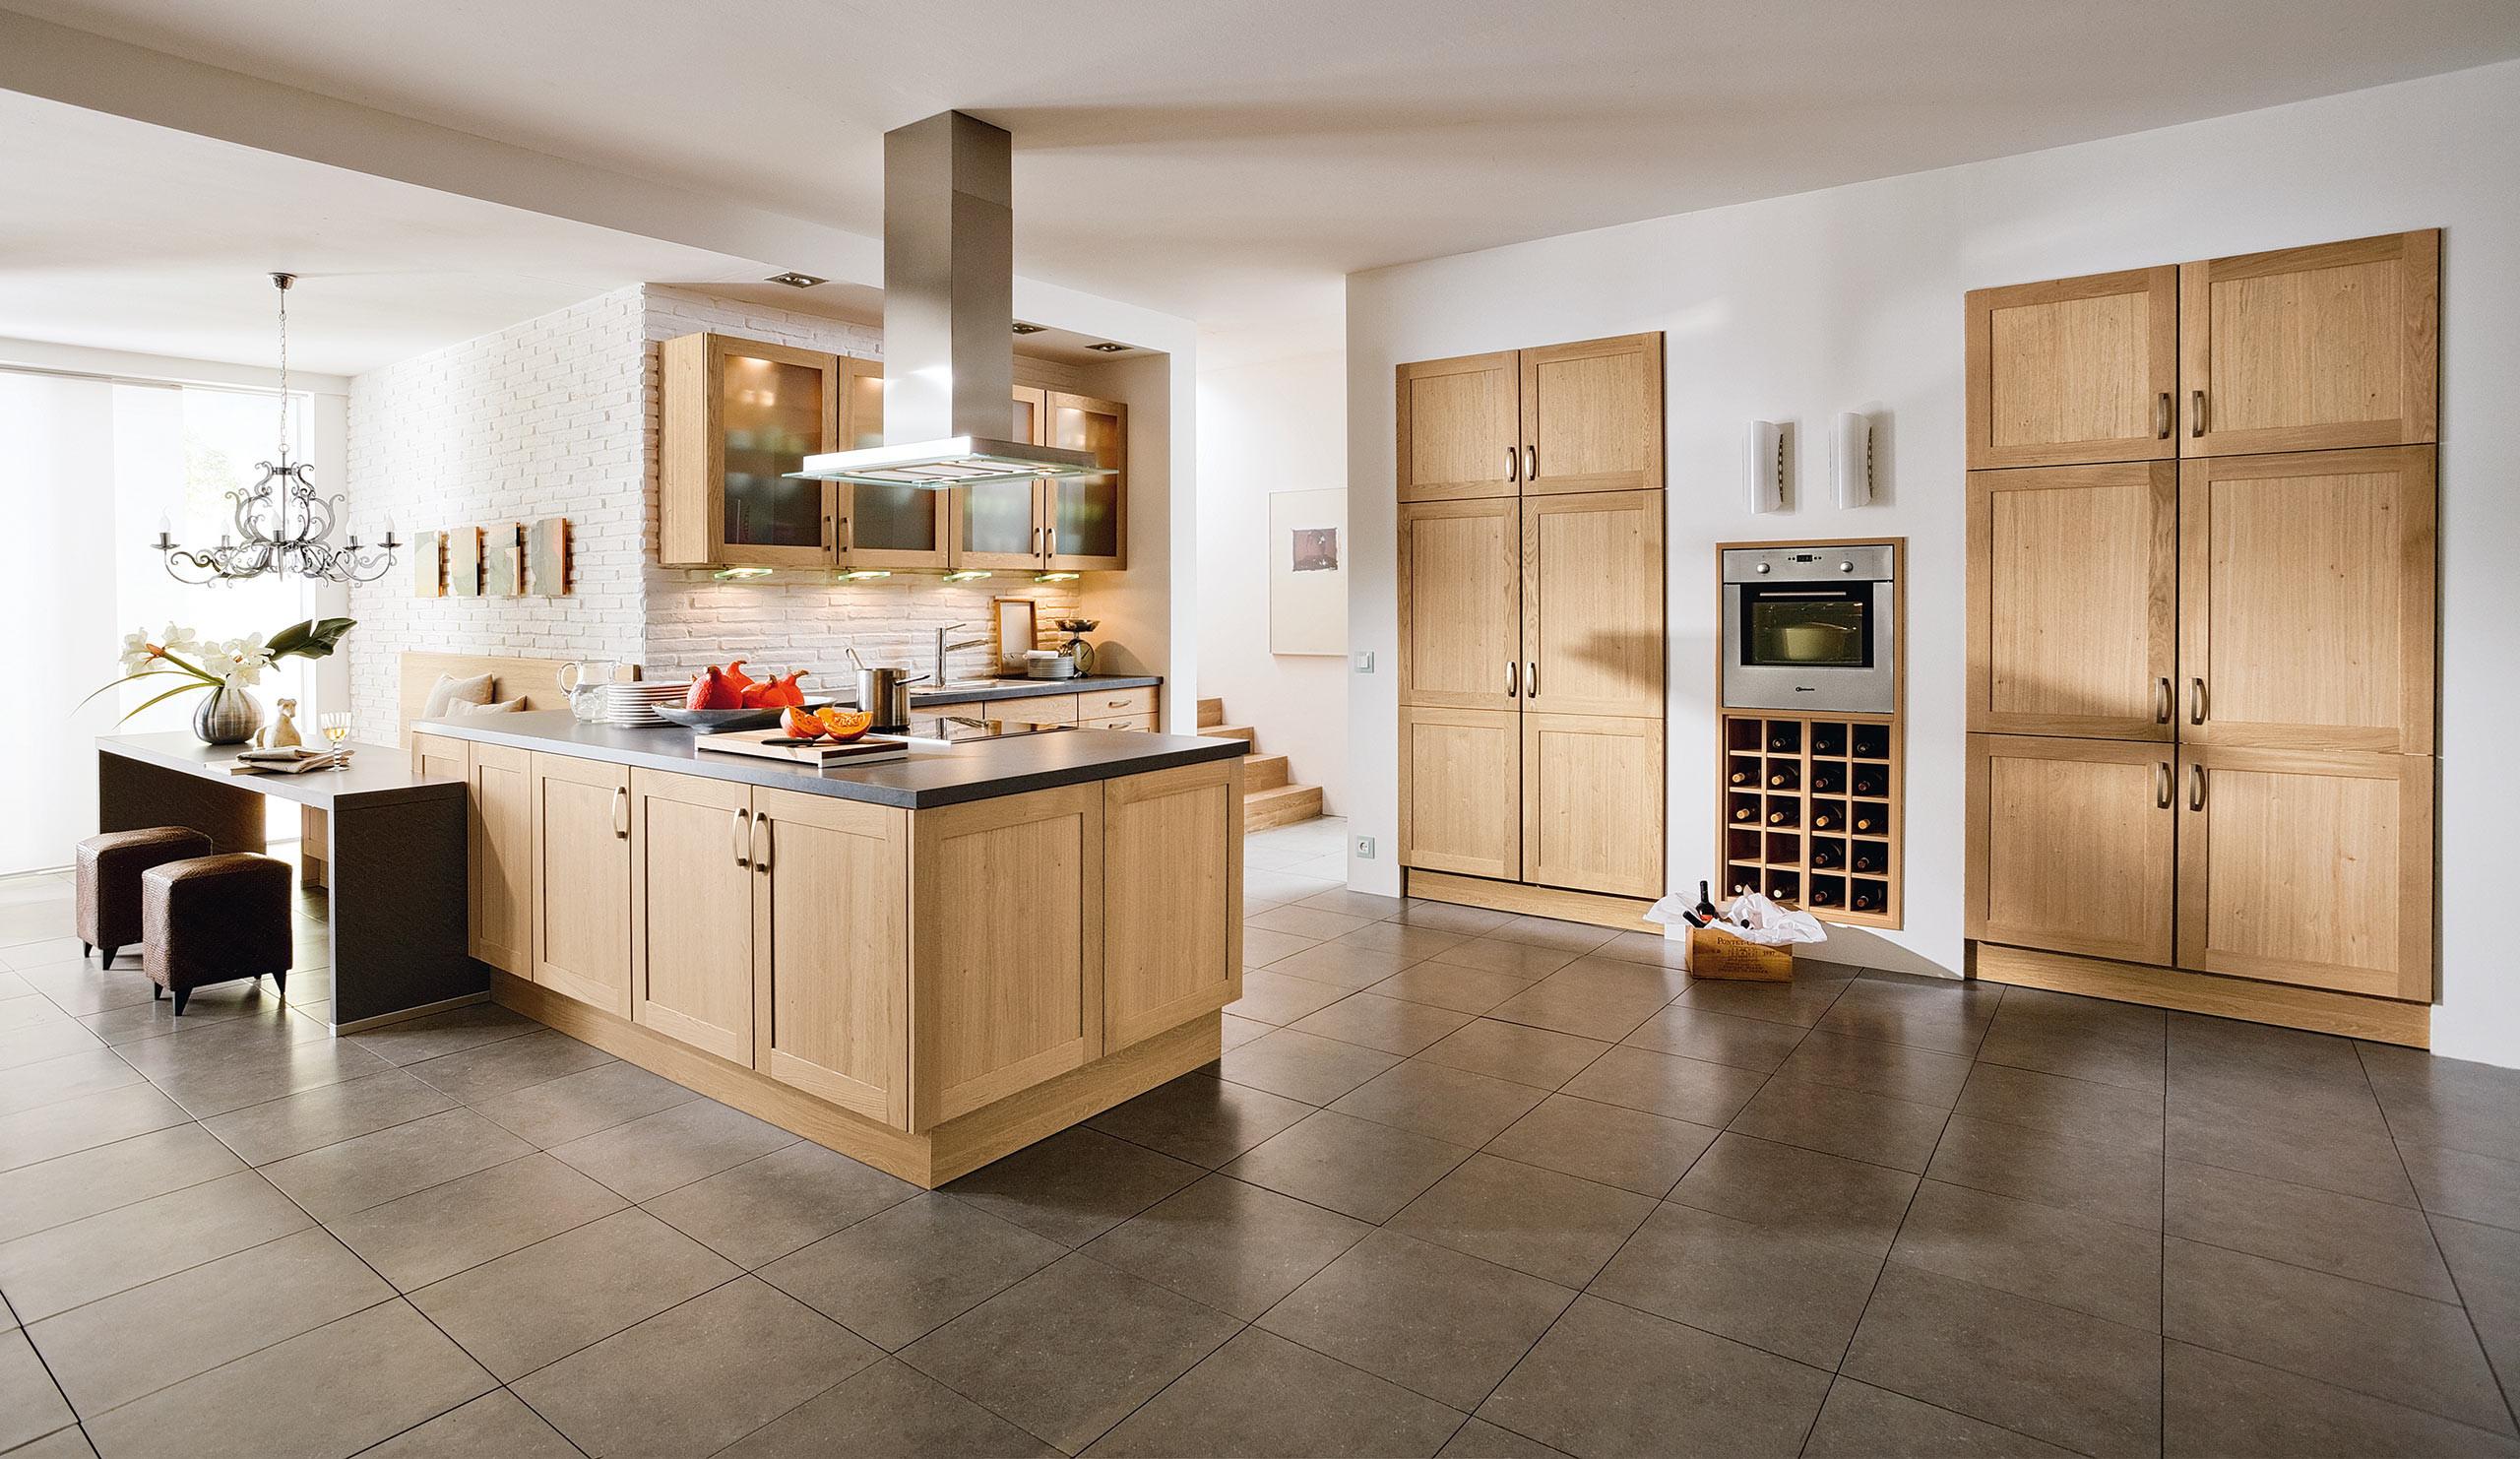 Küche Quelle  Landhaus Einbauküche Arlett Wildeiche Küchen Quelle